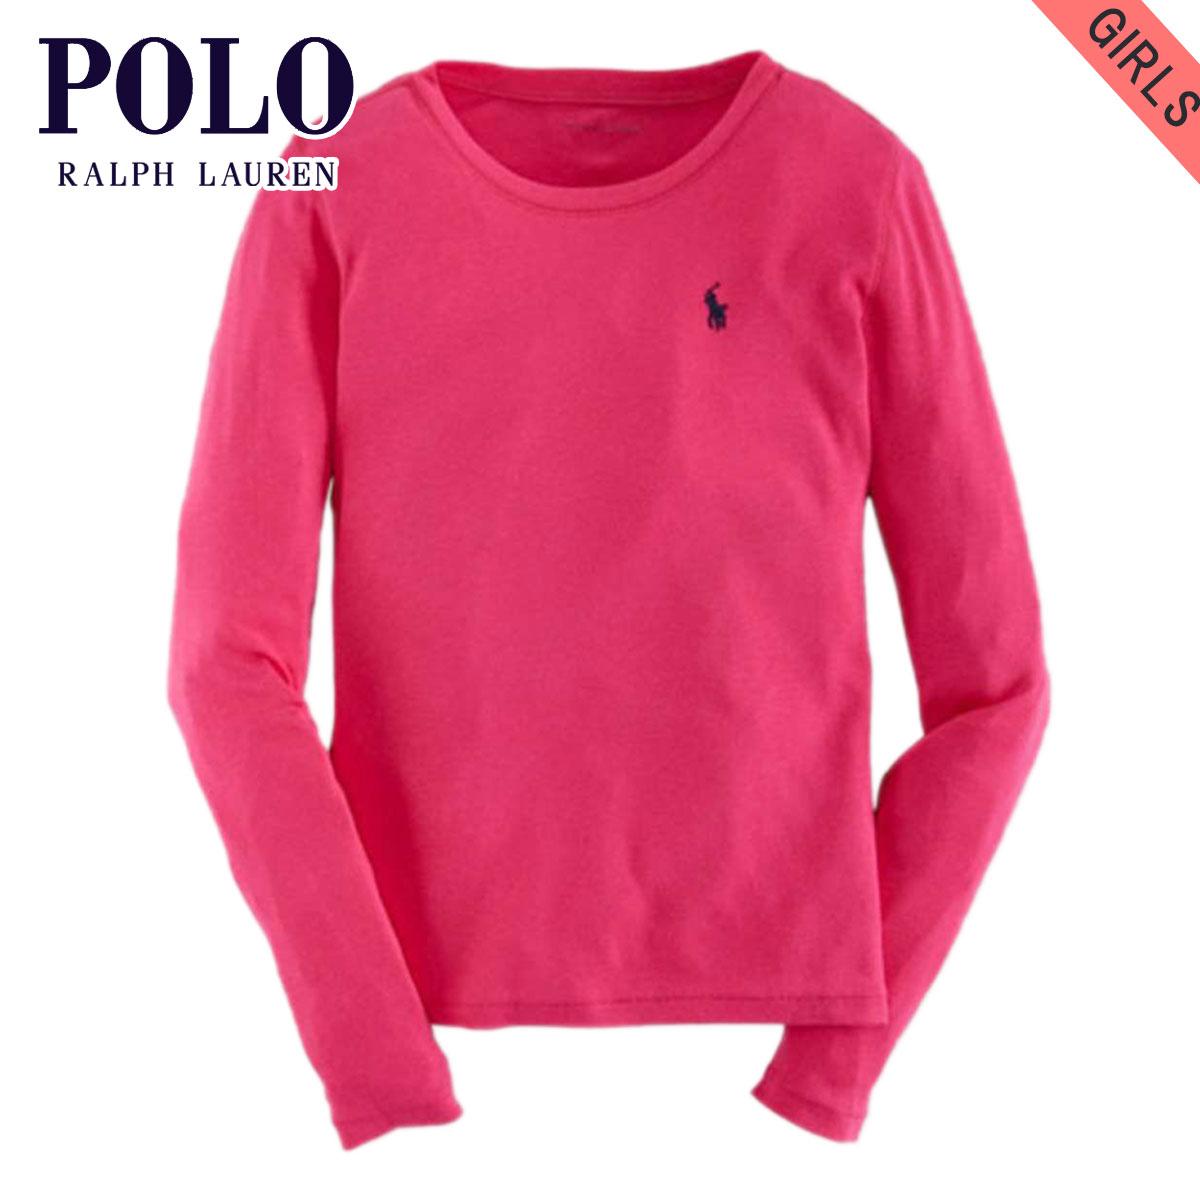 e8f17e59e Poloralflorenkids POLO RALPH LAUREN CHILDREN genuine kids clothes girls  long sleeve T shirt COTTON LONG-SLEEVED TEE 40925556